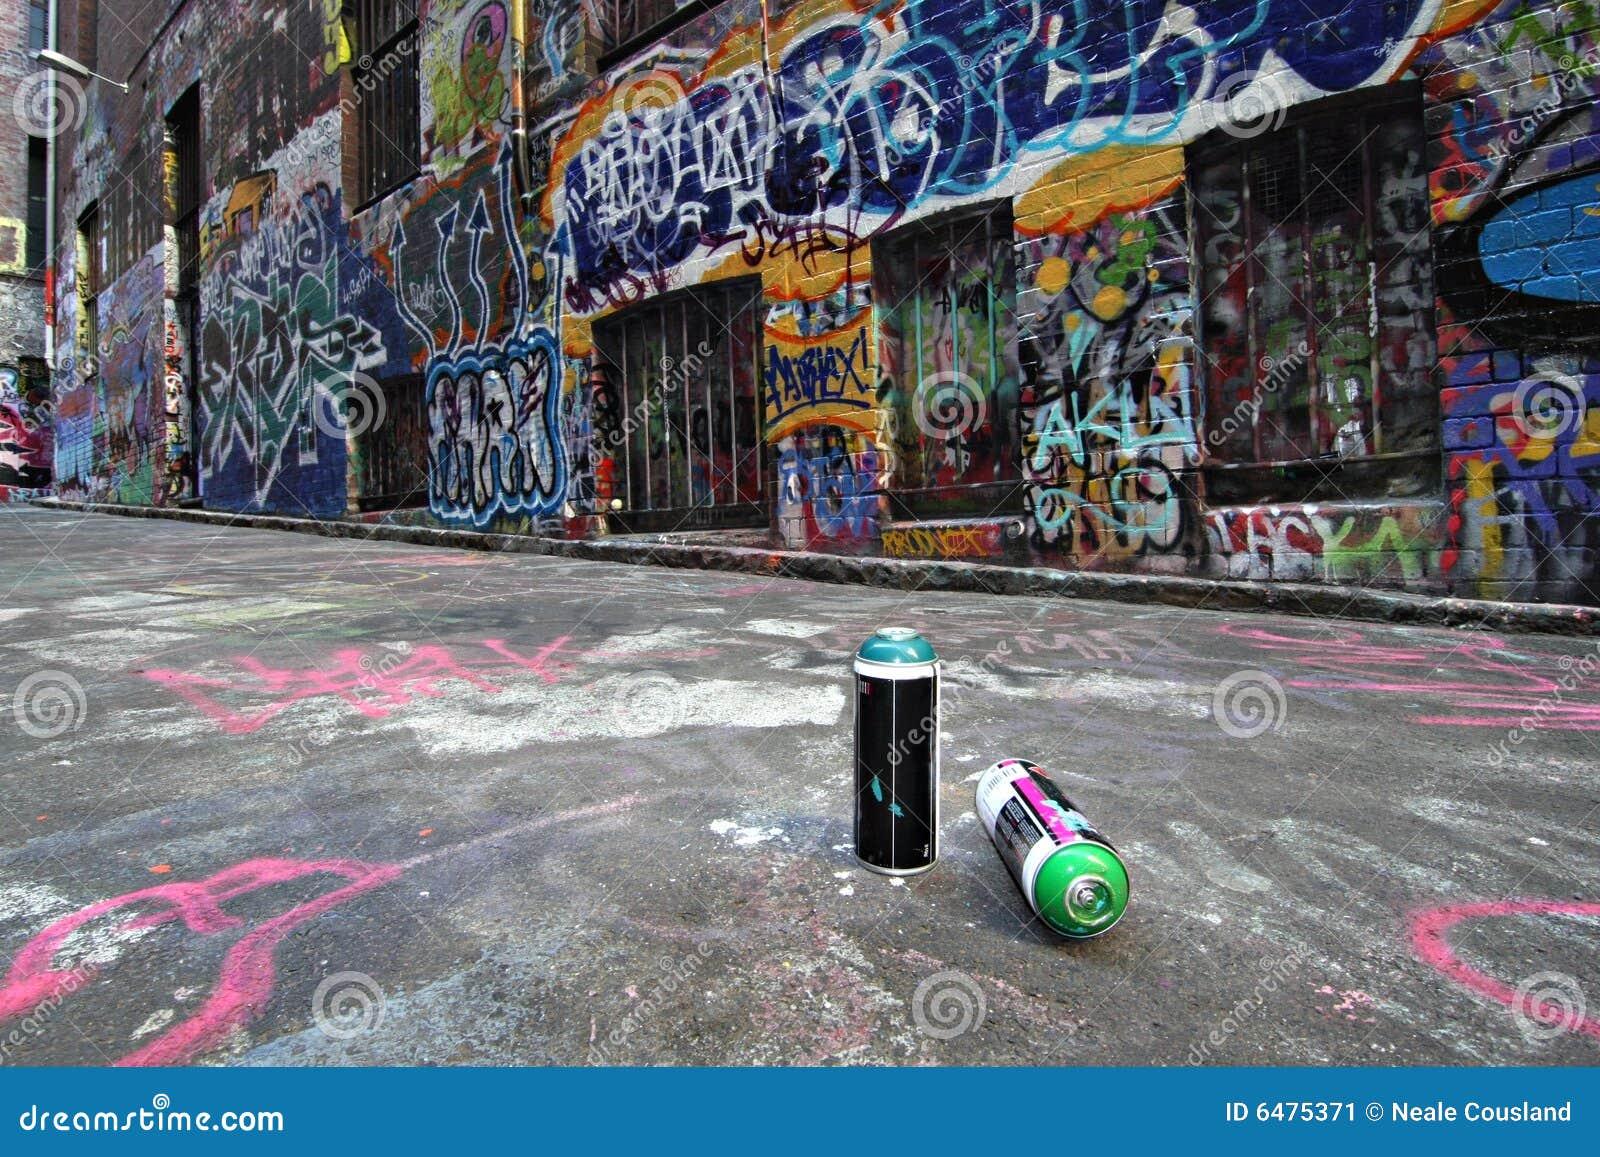 Spray Cans Paint Australia